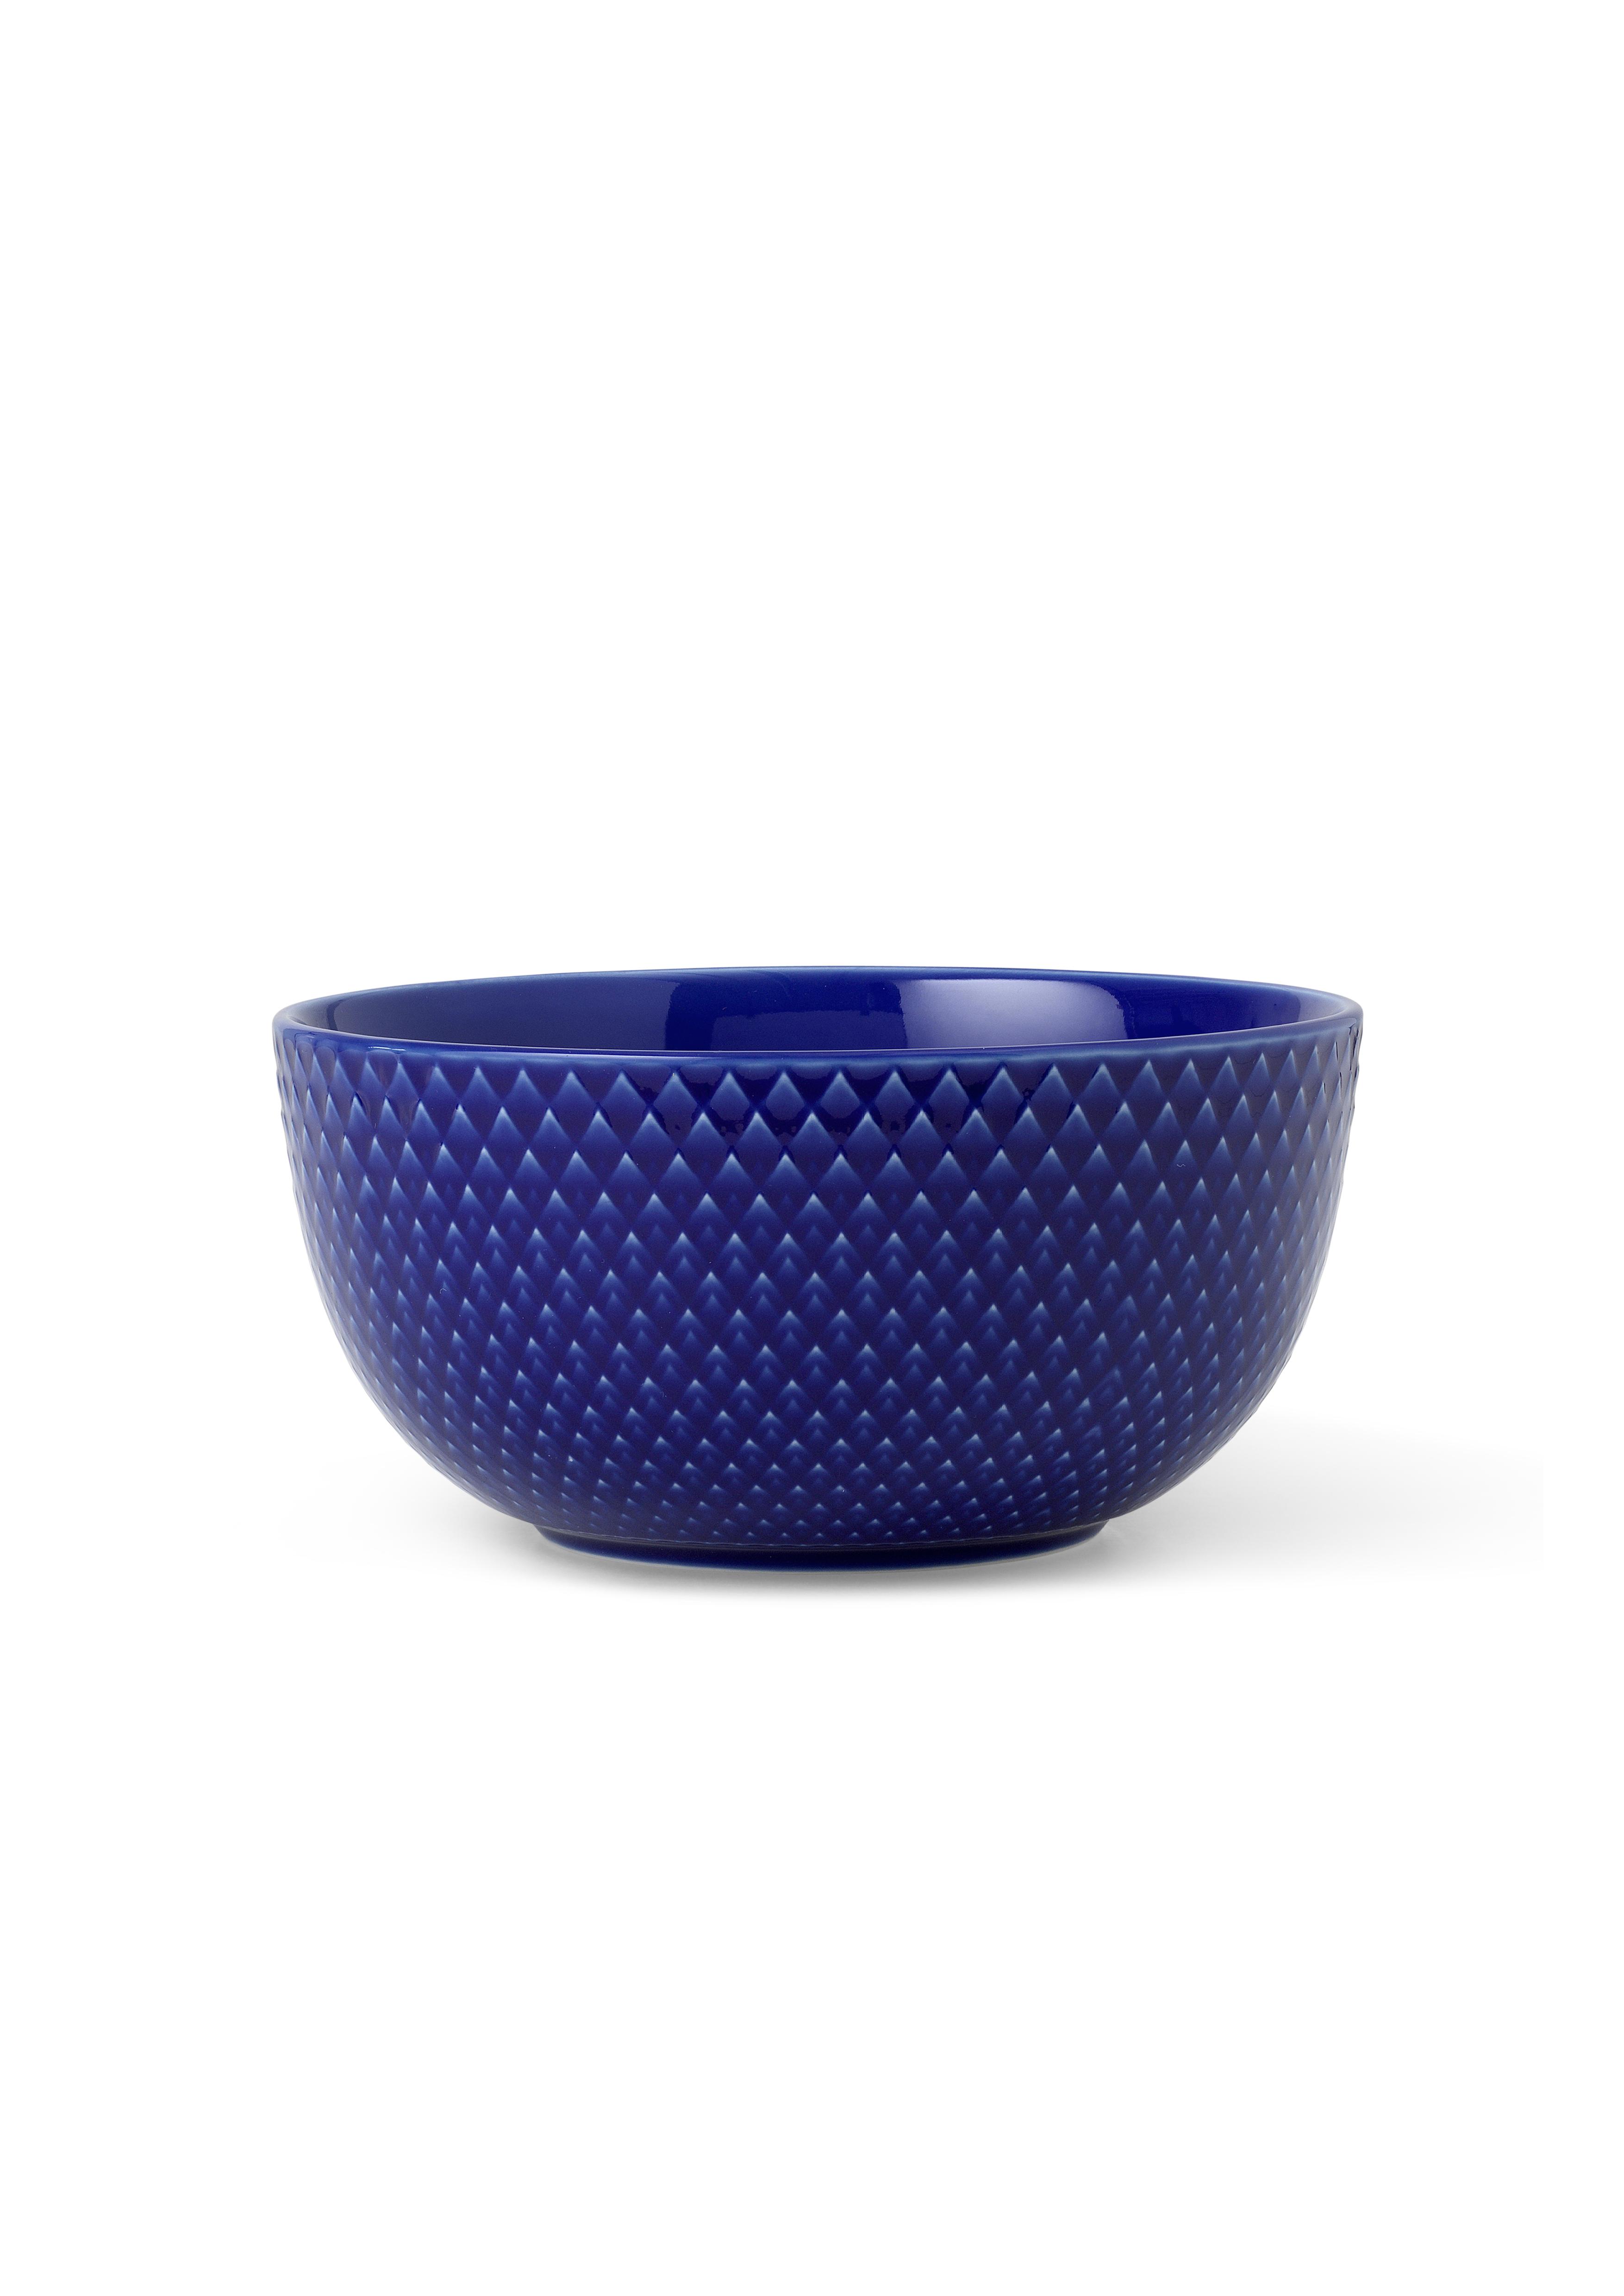 Lyngby Porcelæn Rhombe Color skål, Ø13 cm, mørkeblå